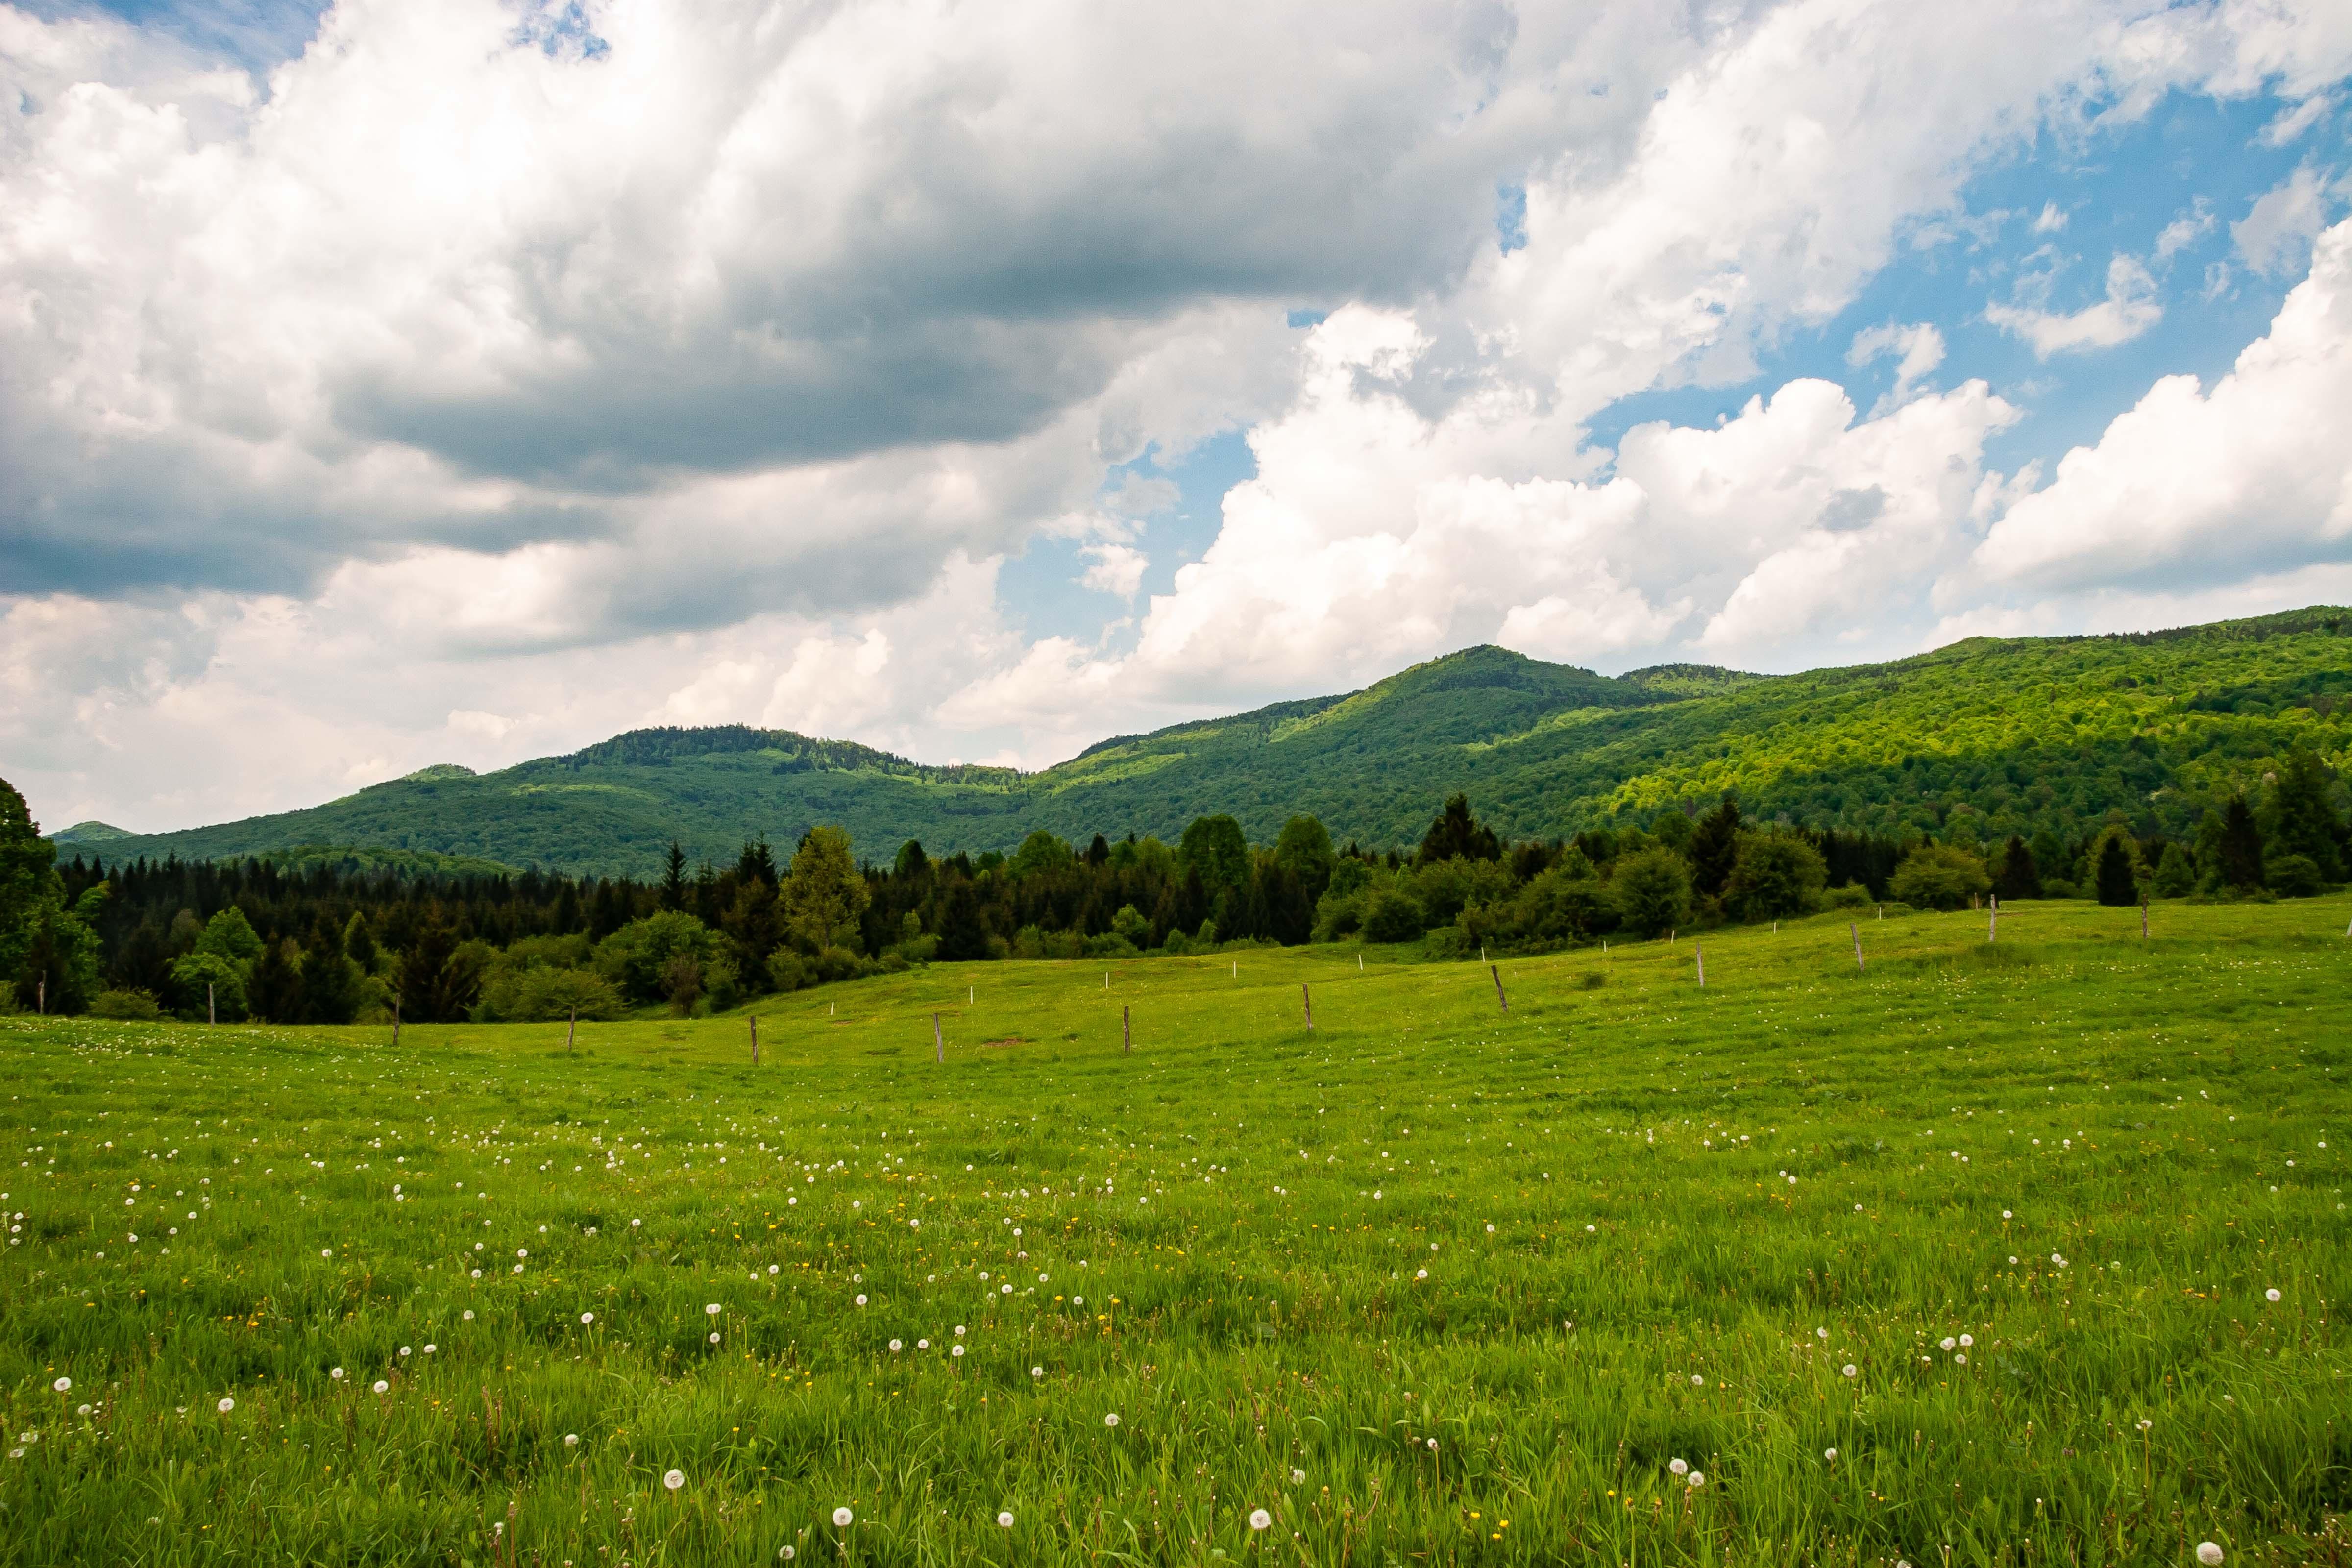 Slovenia, Kocevje Prov, Landscape, 2006, IMG 7281